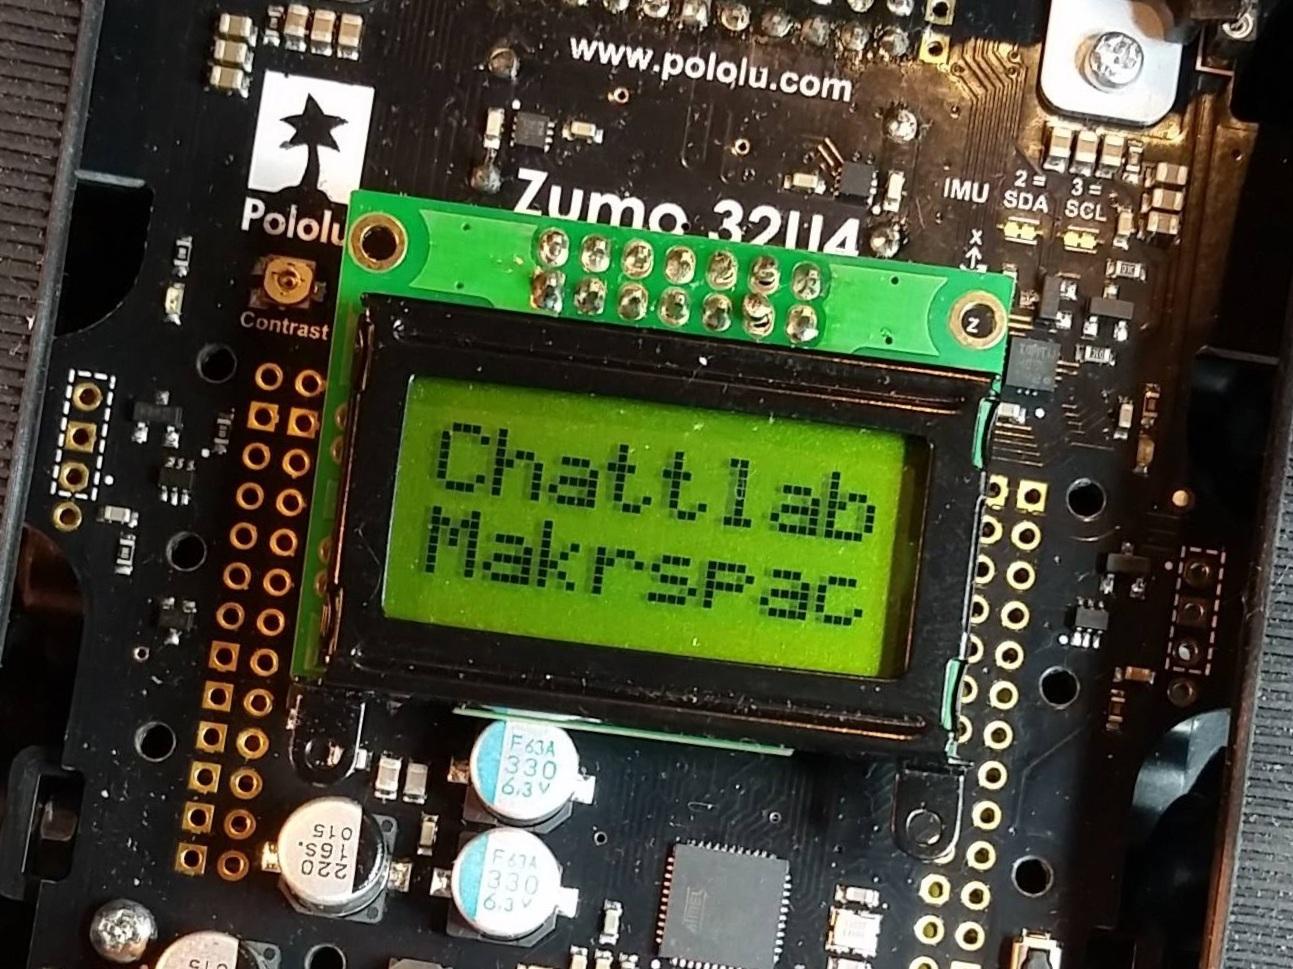 chattlab.jpg